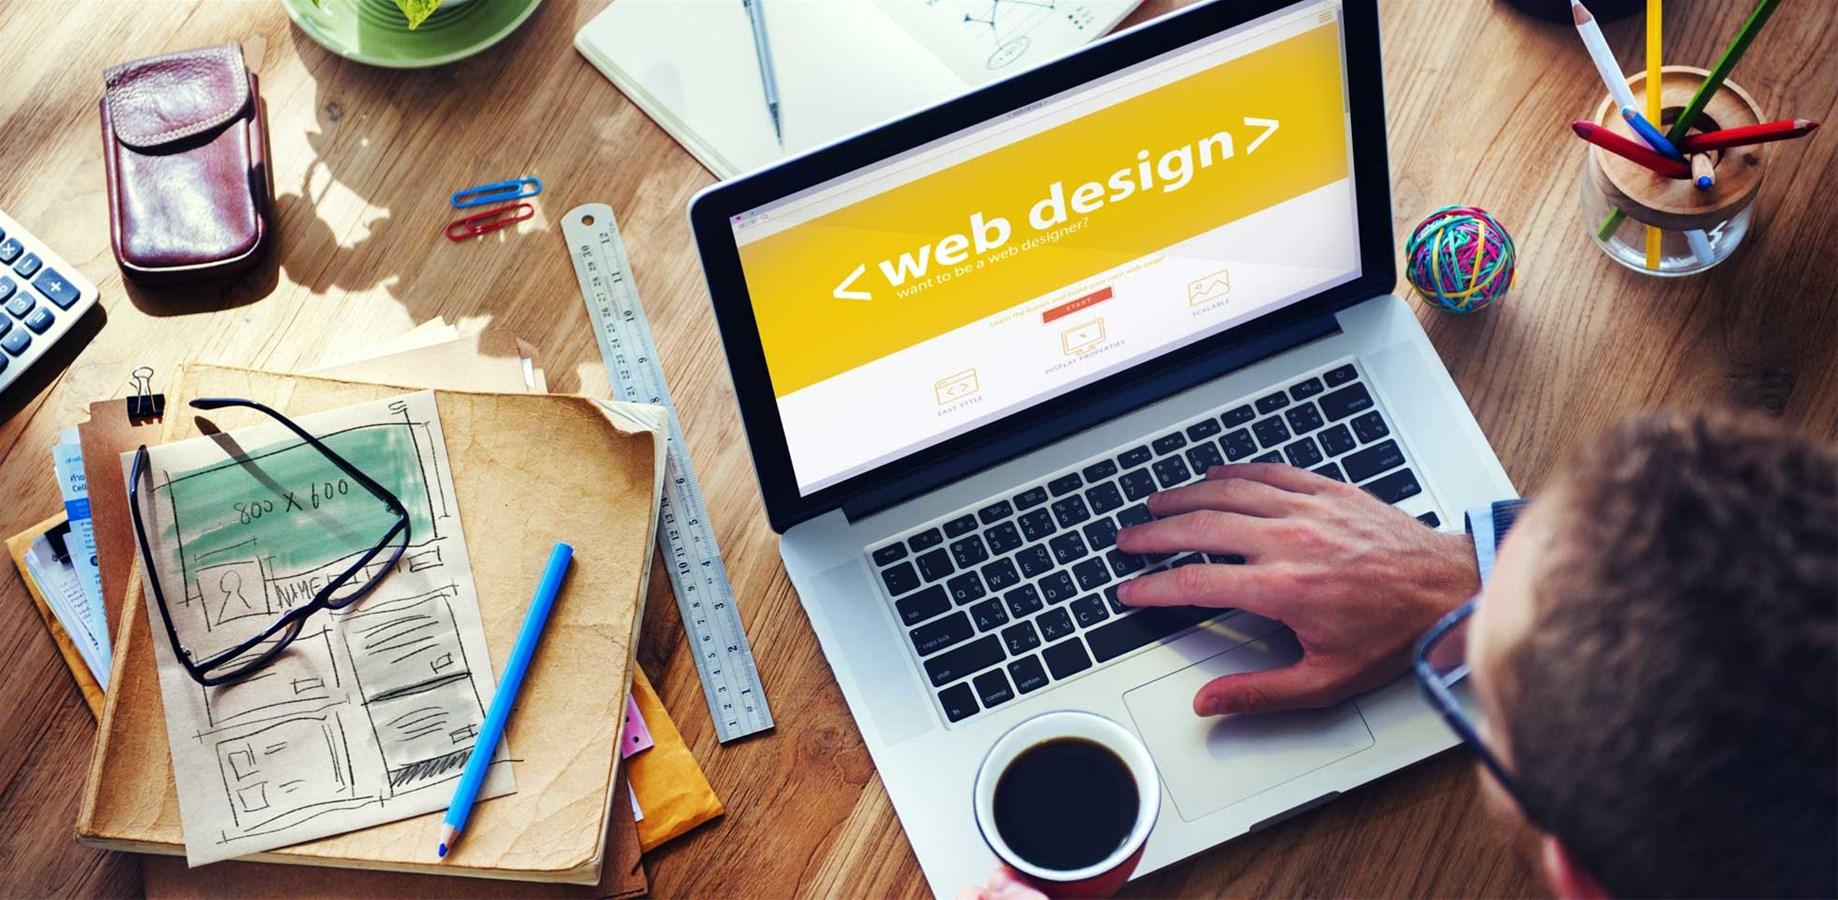 web development là gì